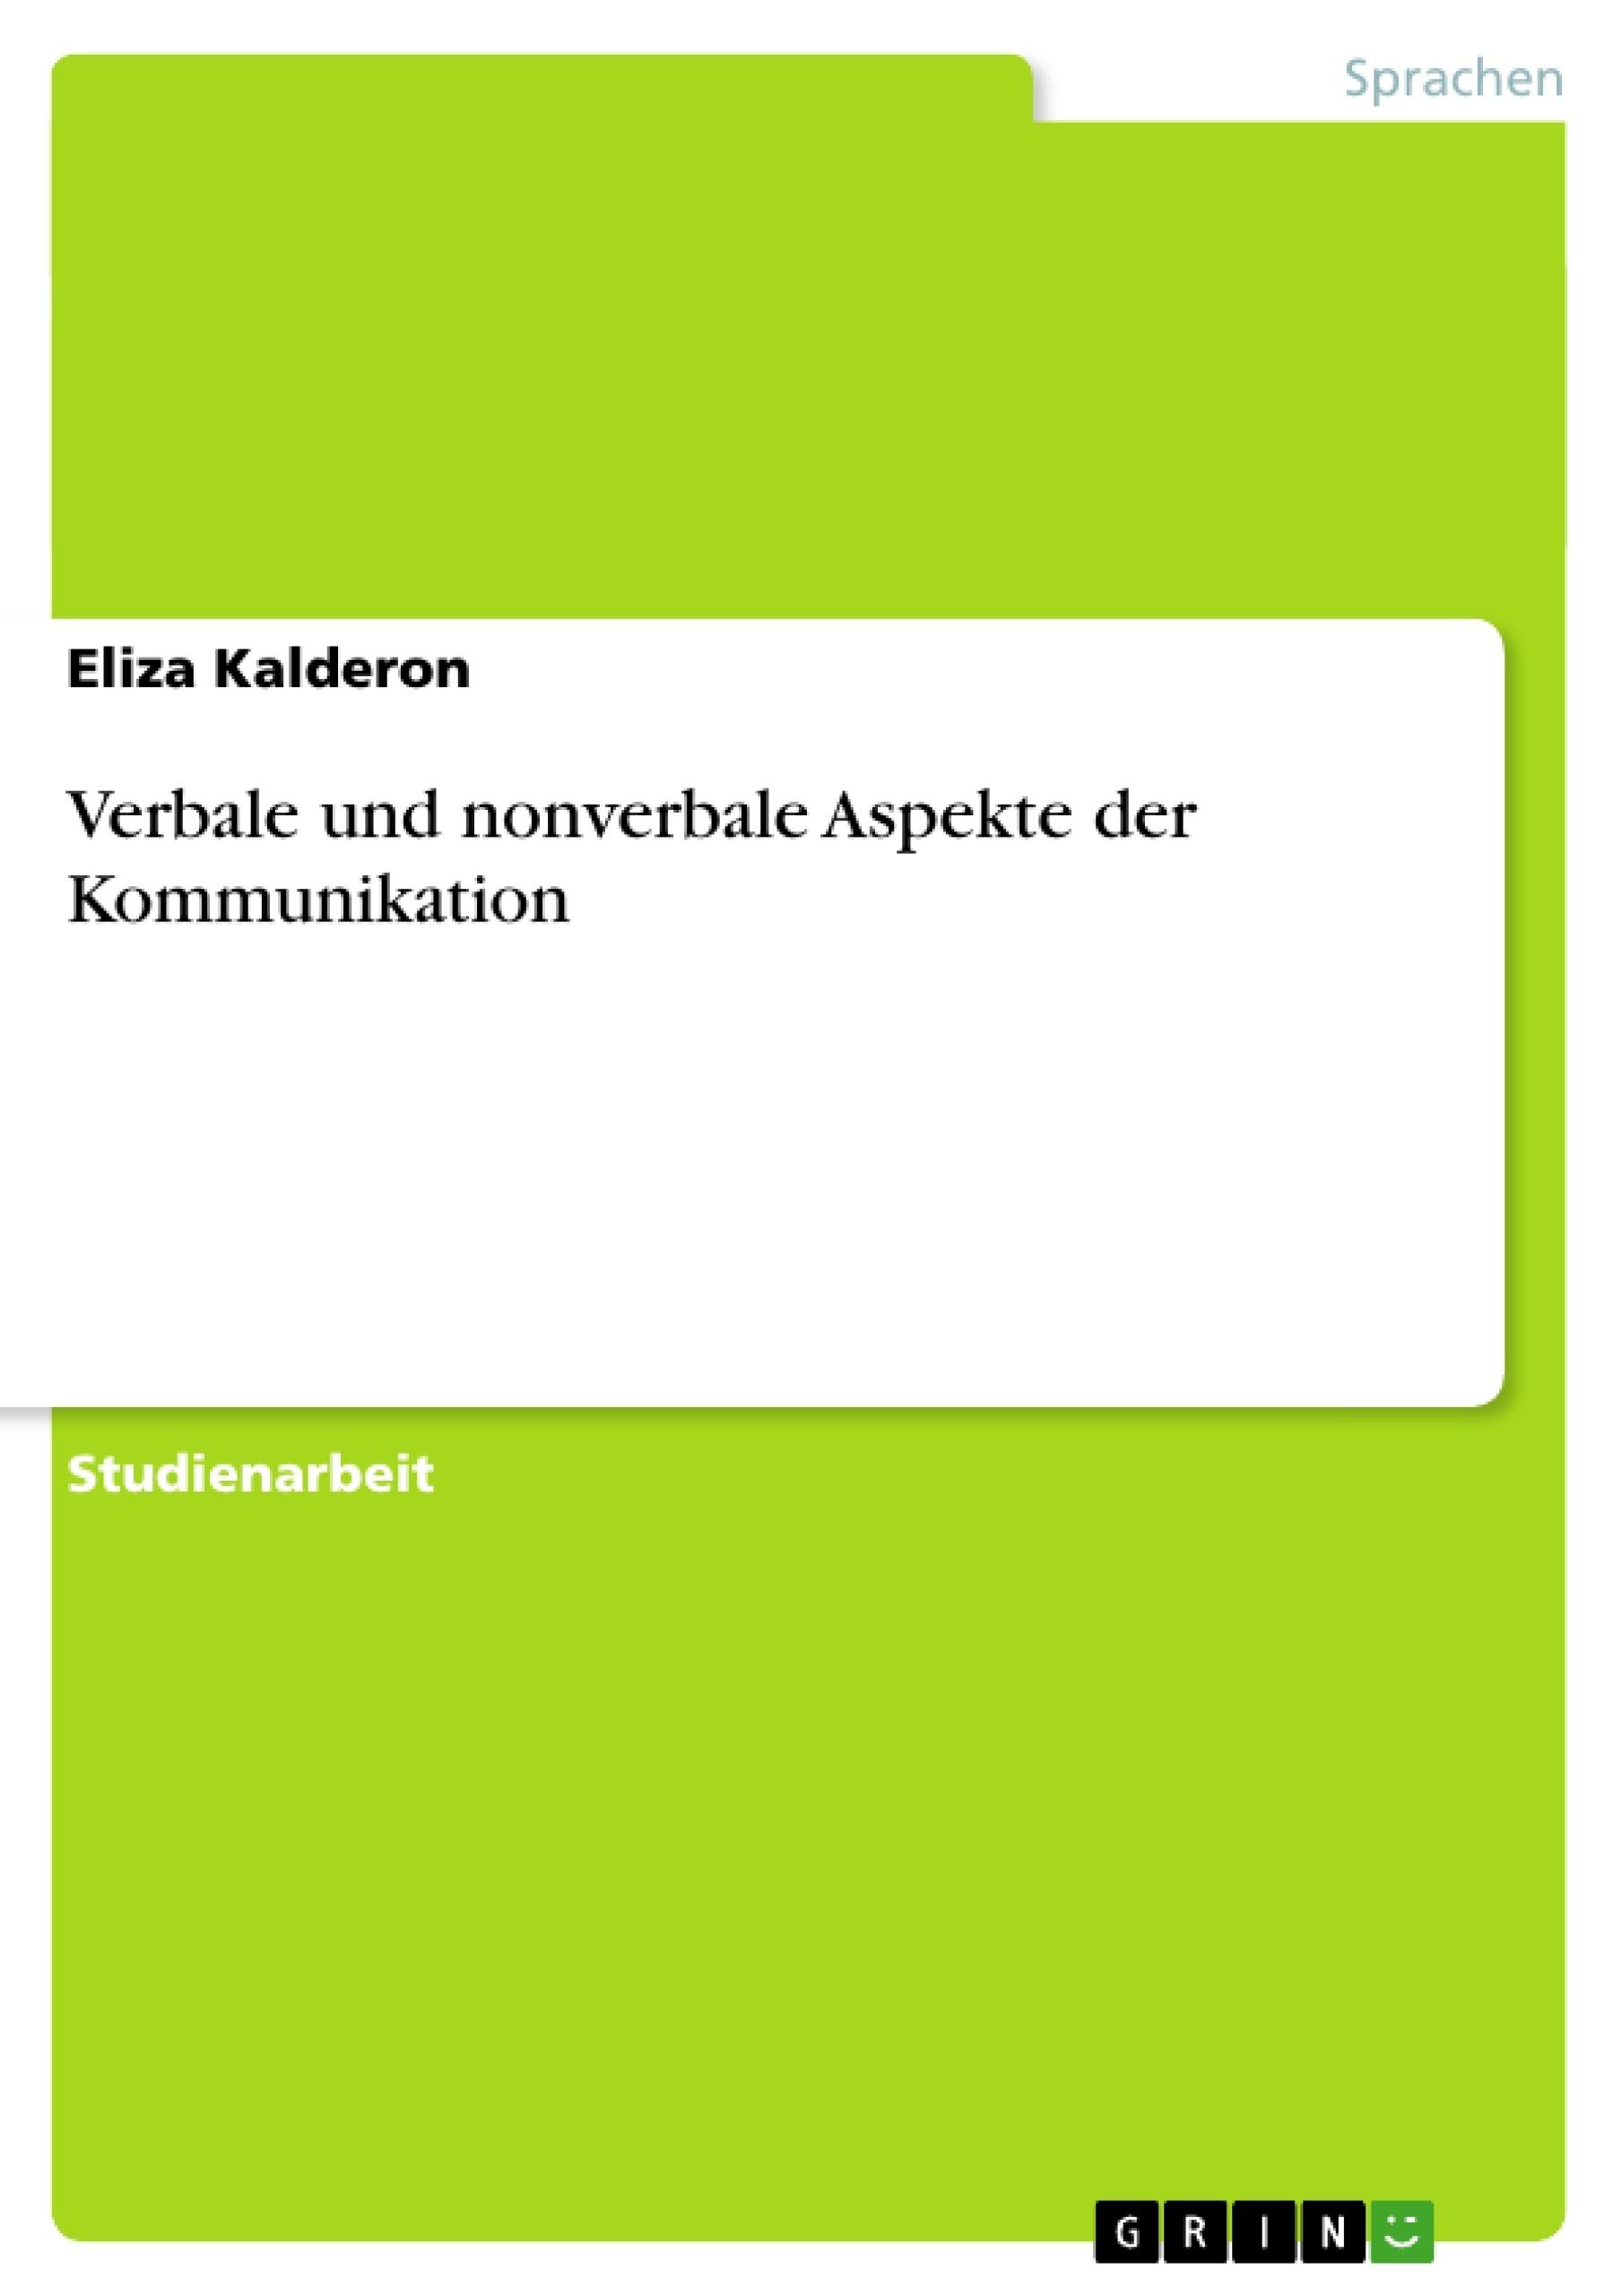 Titel: Verbale und nonverbale Aspekte der Kommunikation